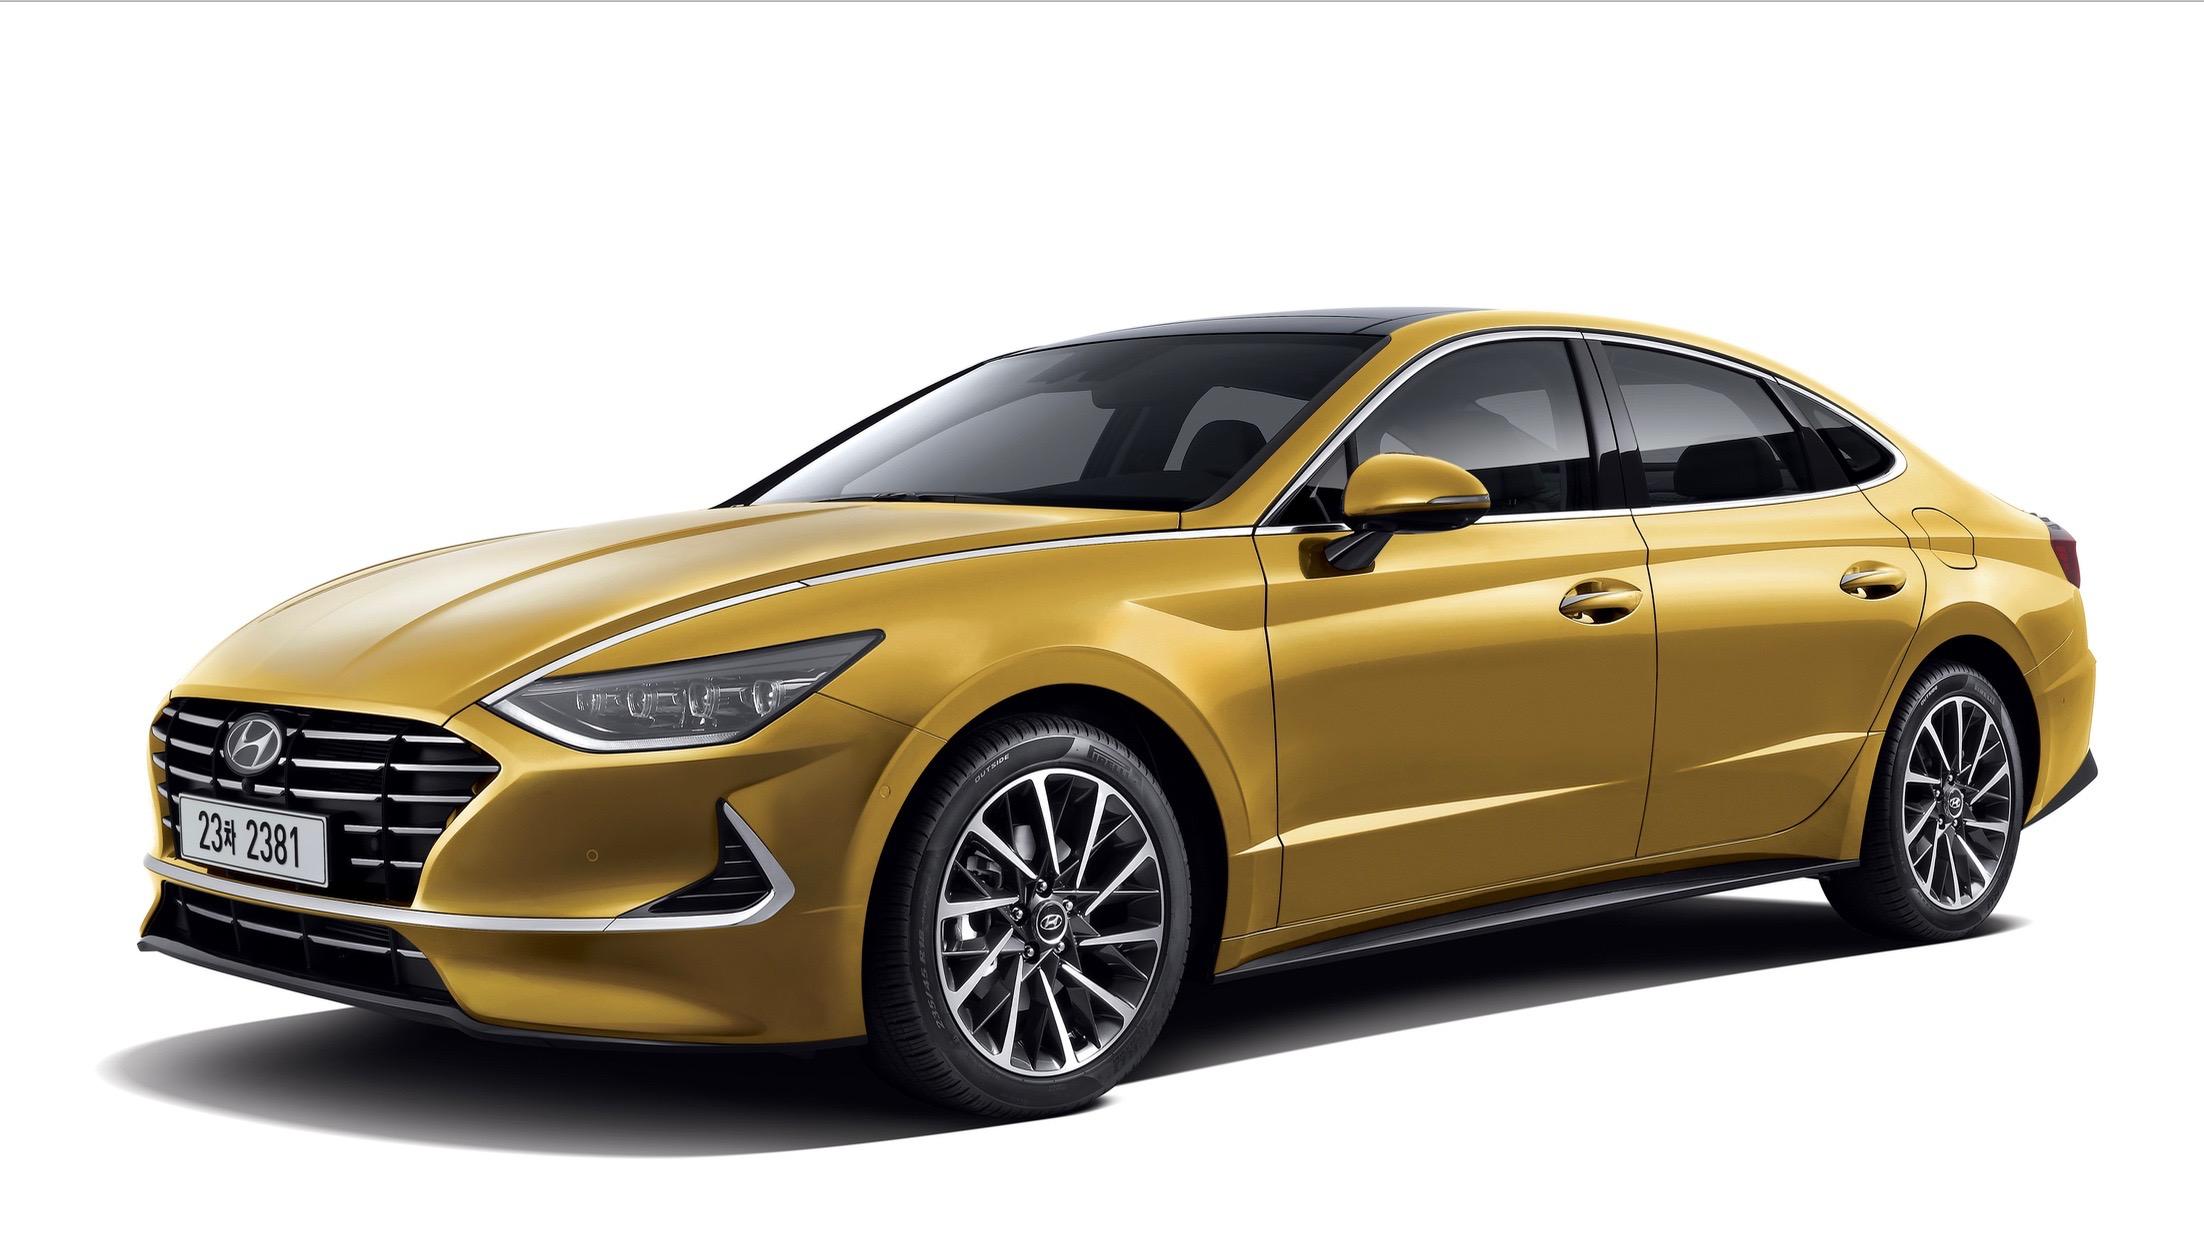 El Hyundai Sonata 2020 es <b>notablemente más grande</b> que el vehículo que reemplaza. El nuevo modelo es 0.98 pulgadas más ancho y 1.77 pulgadas más largo que el Sonata 2019. Aunque también es 1.18 pulgadas más bajo, lo que acentúa su carácter deportivo. La distancia entre ejes del nuevo Hyundai Sonata 2020 es también 0.12 pulgadas más larga que la de su predecesor lo que beneficia el espacio disponible en la cabina.